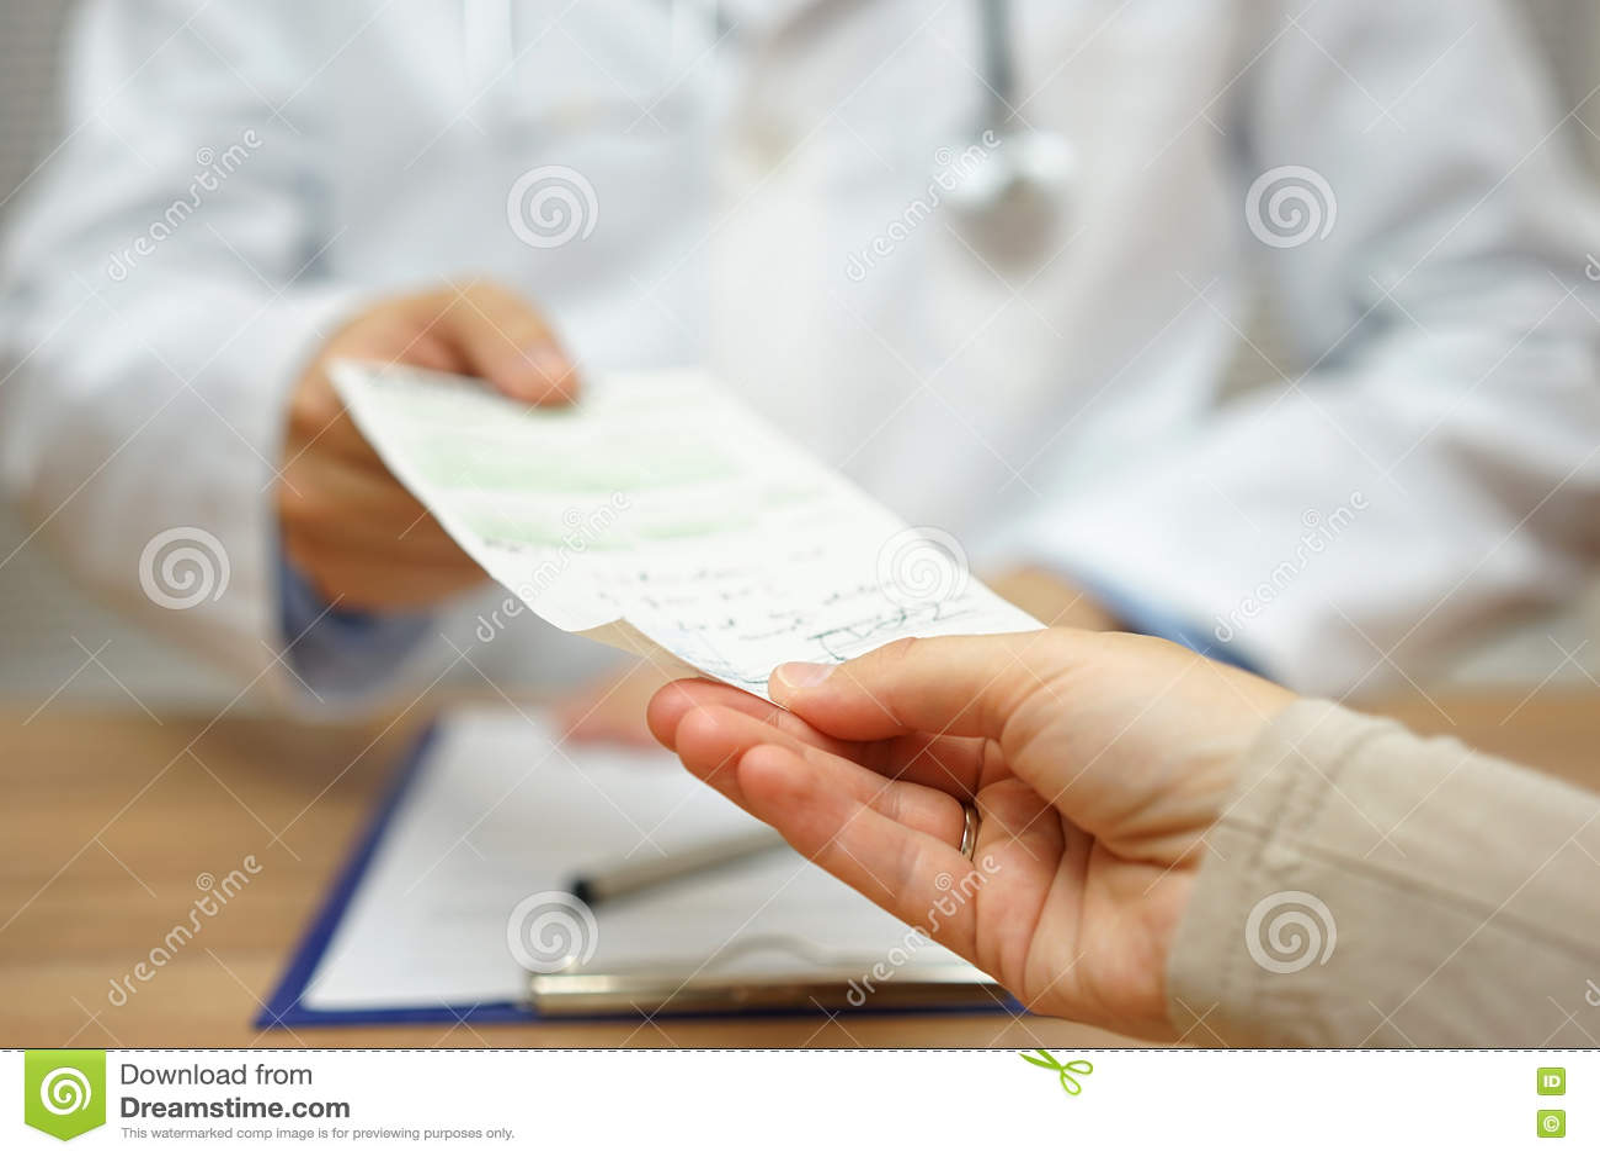 Doktorn ger ett recept till en kvinnlig patient